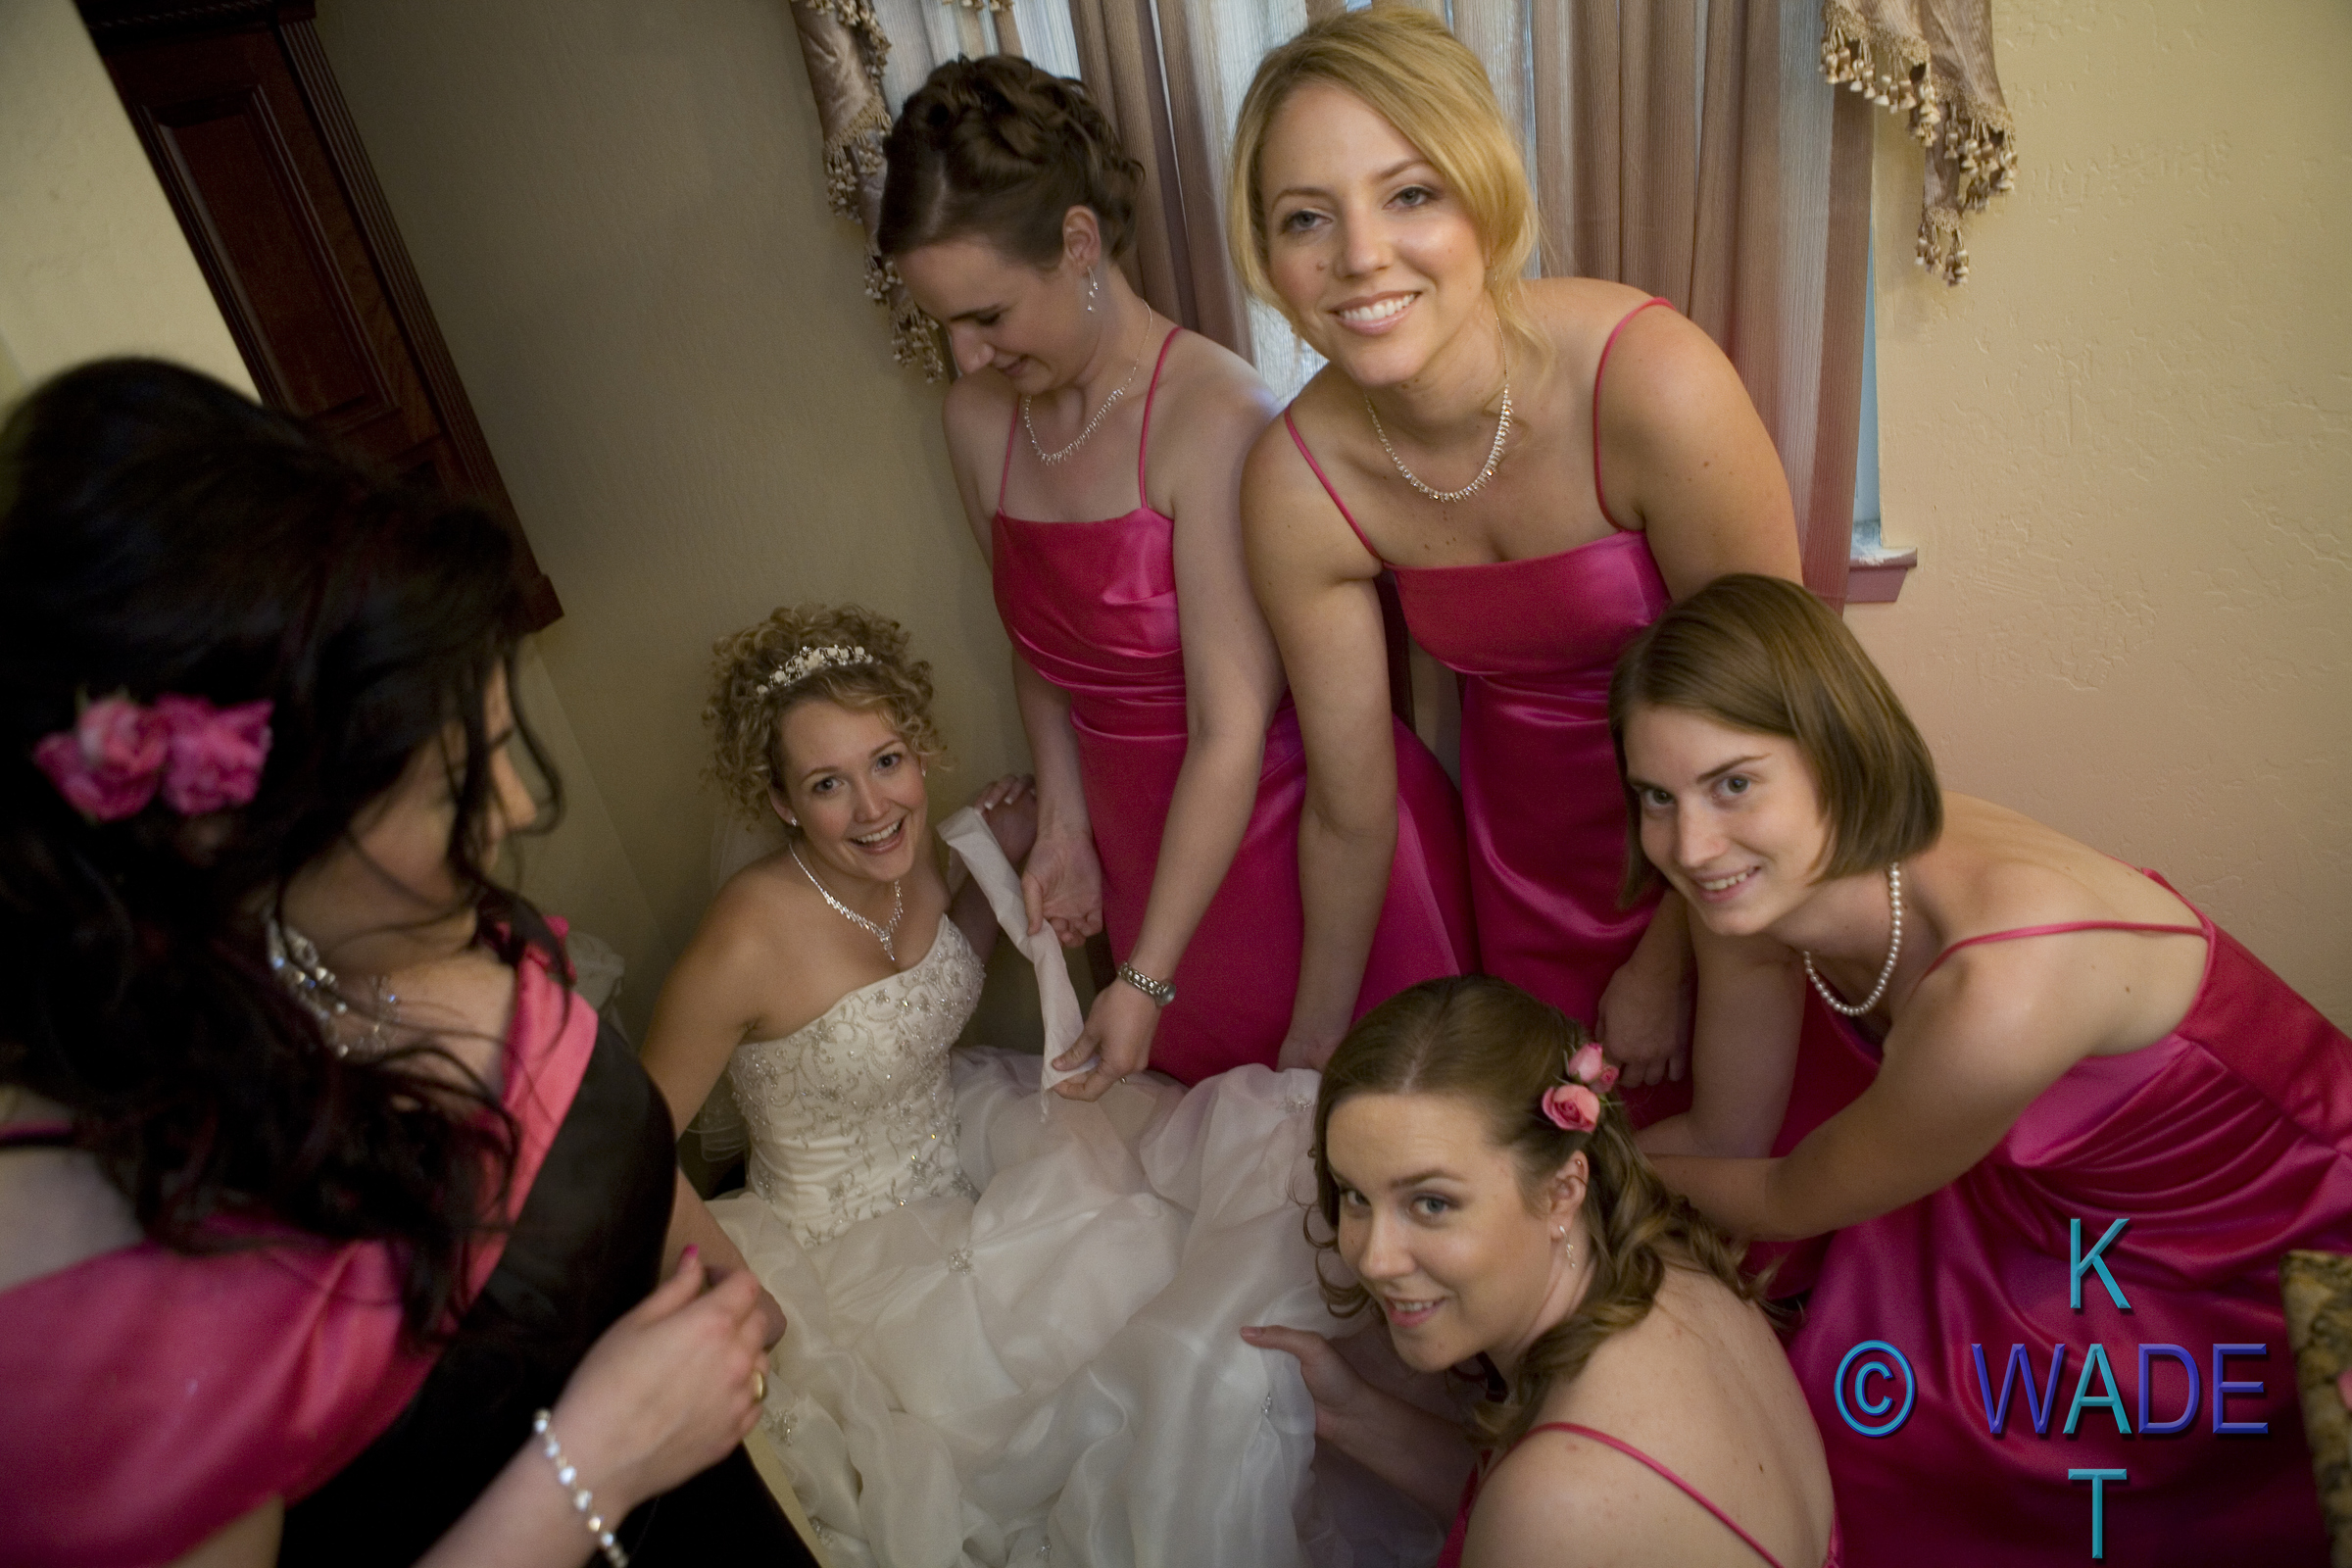 AMANDA_and_JON_Wedding_096_KatWade